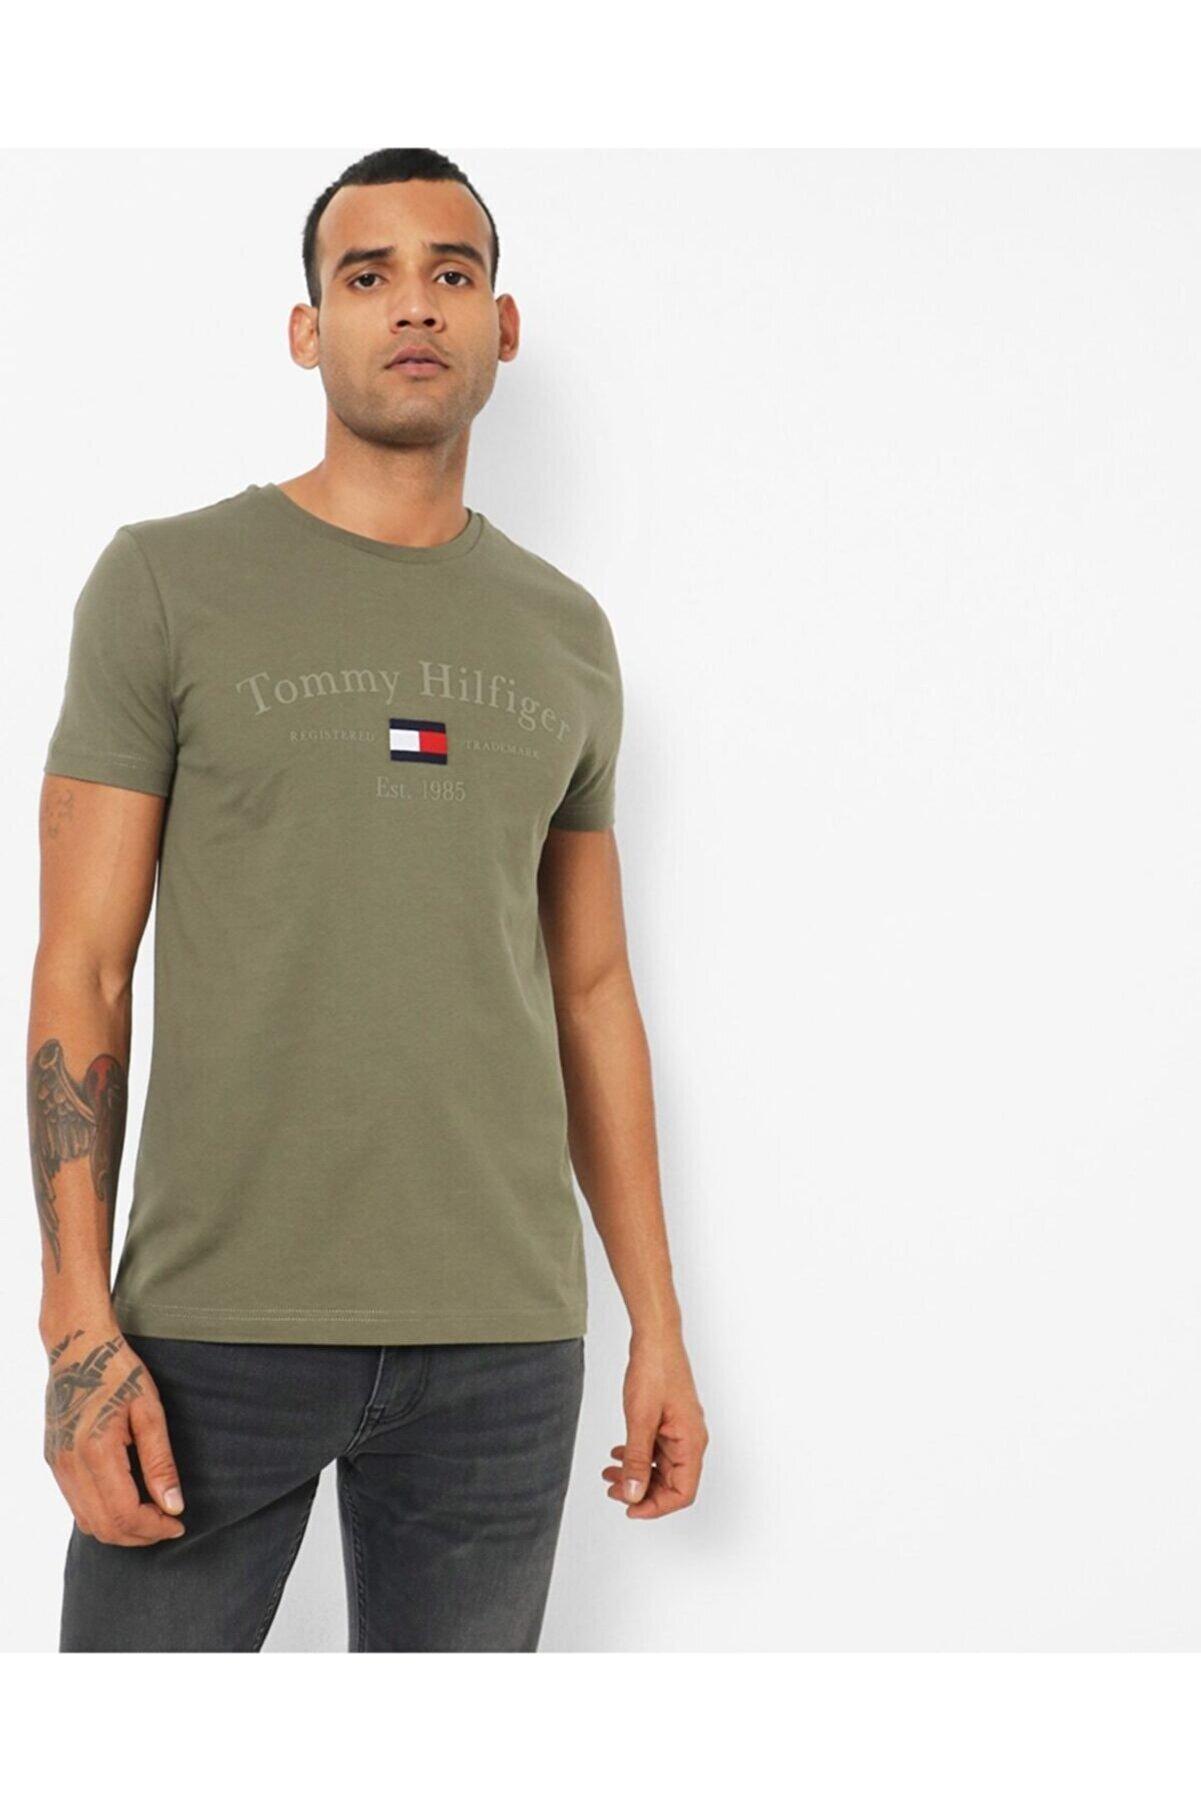 Tommy Hilfiger 1985 Logo Tshirt